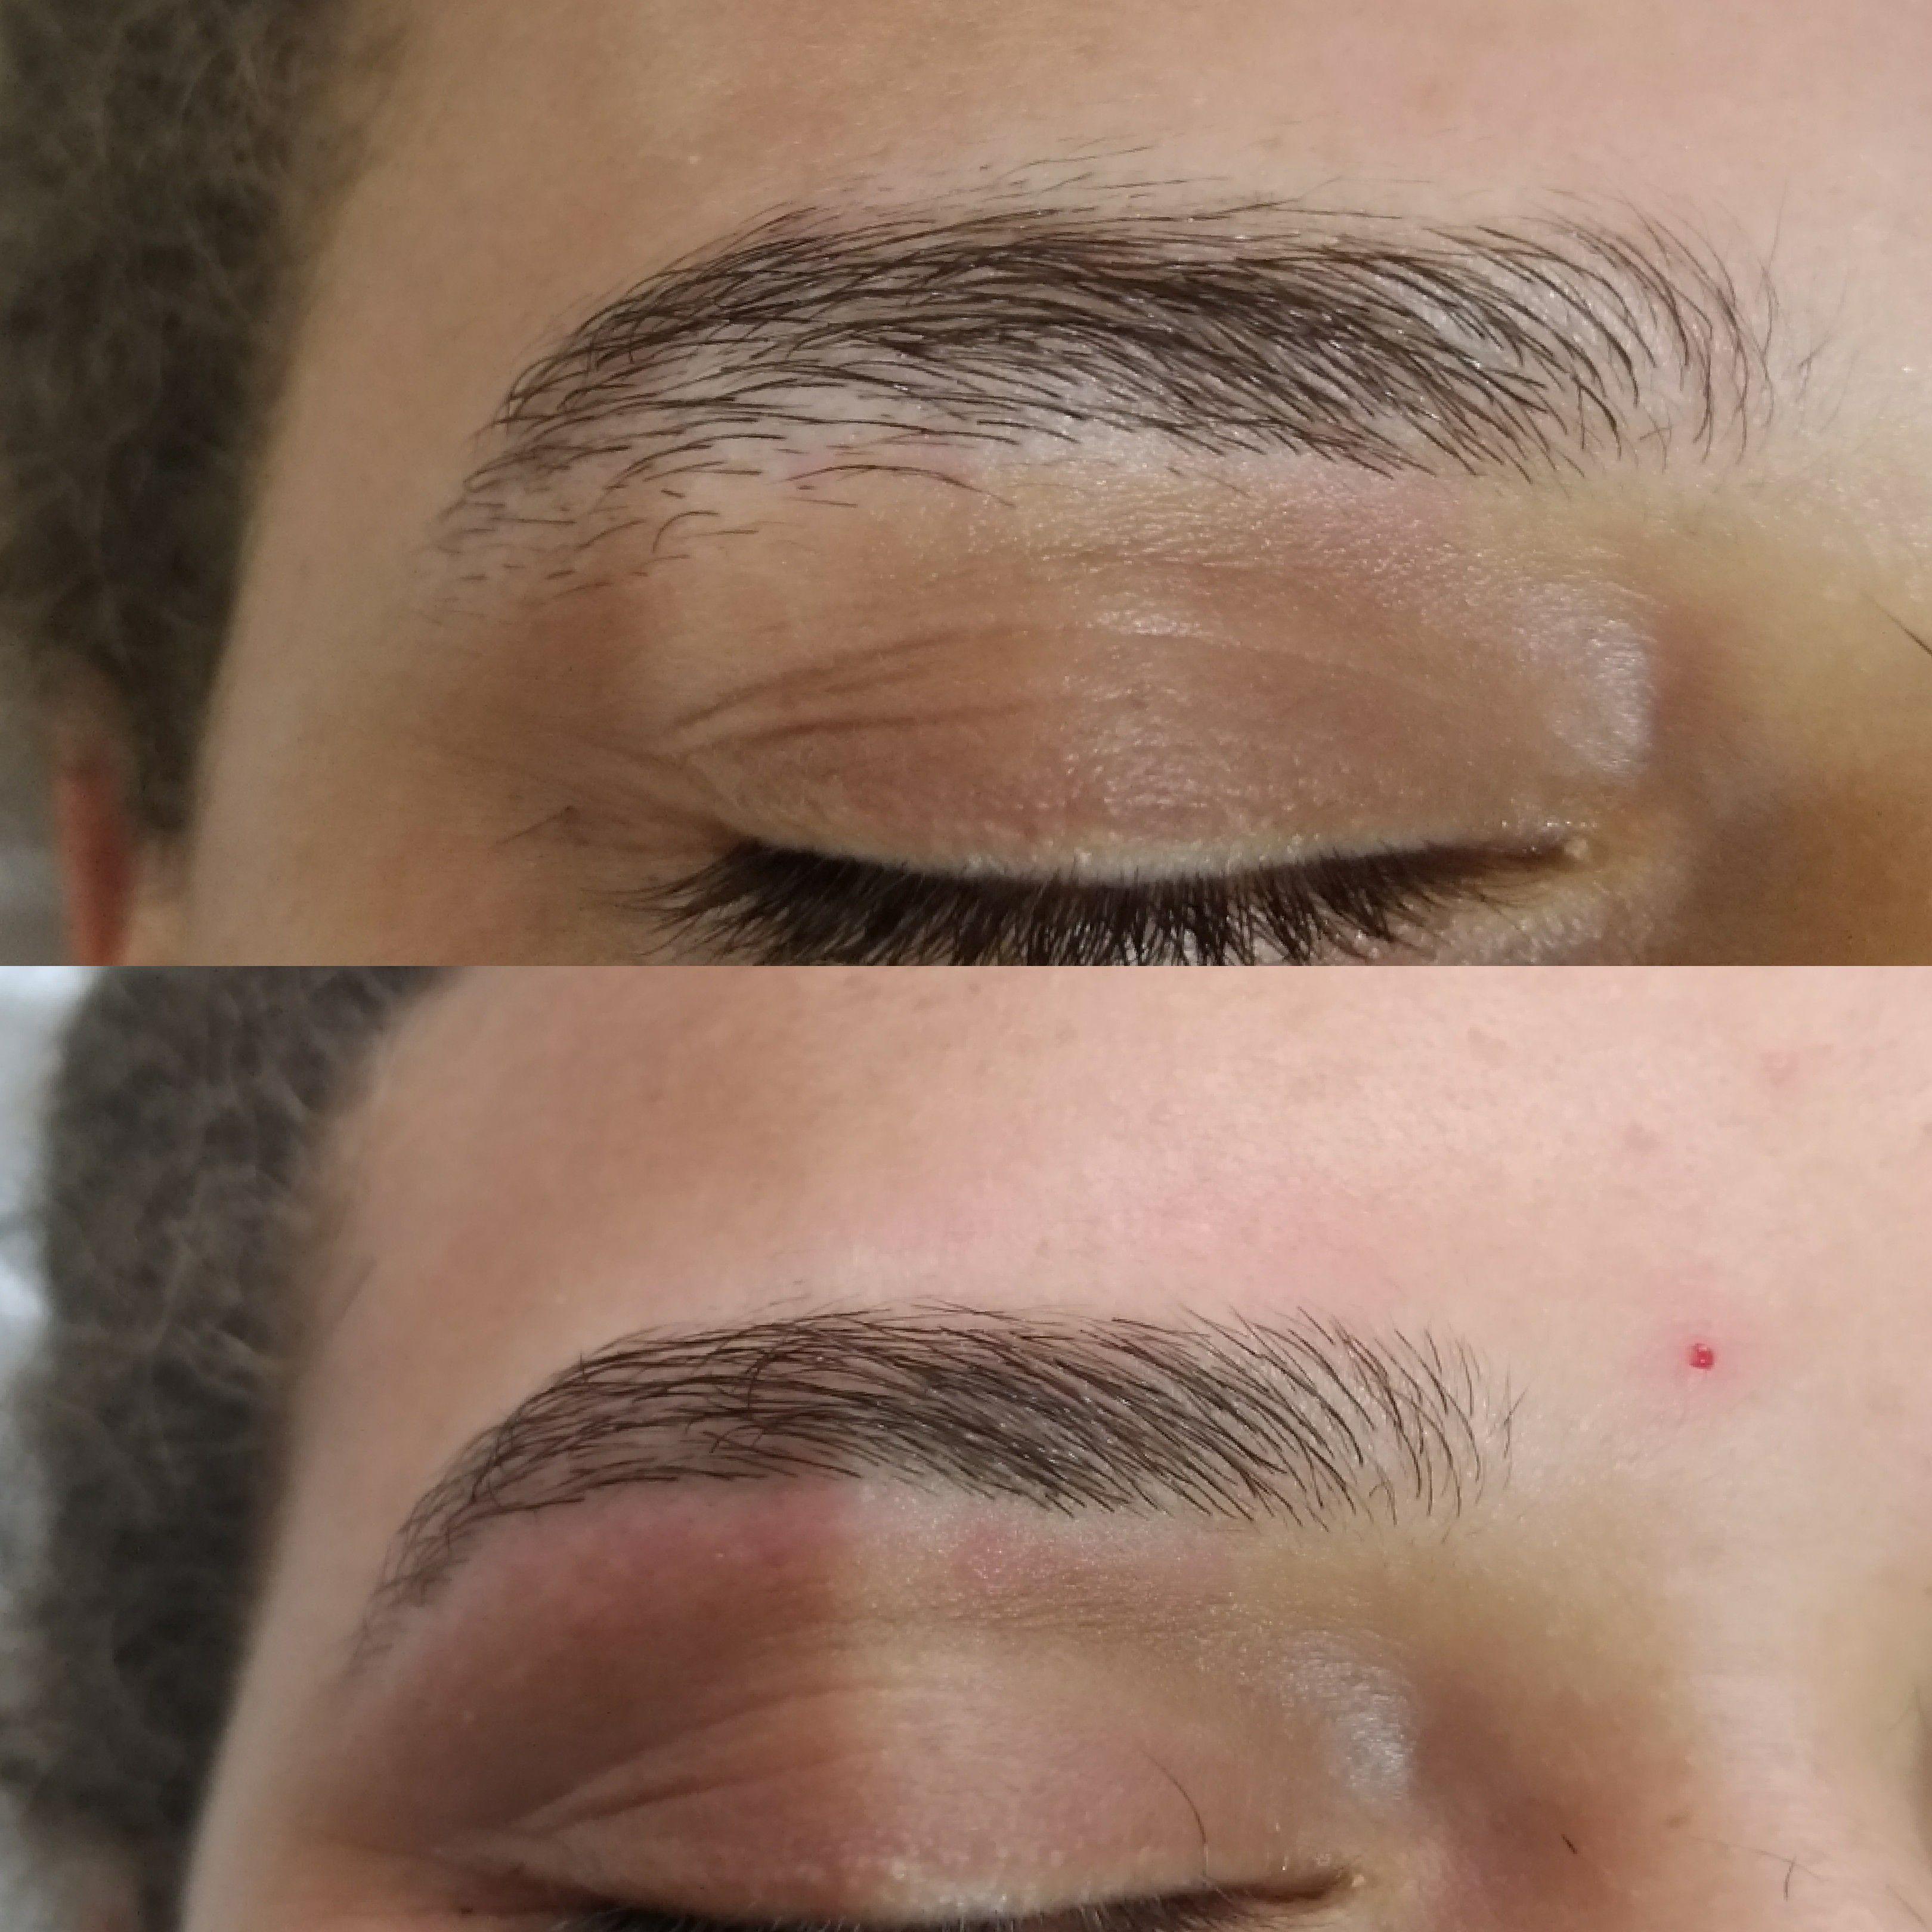 Design de sobrancelhas. estética esteticista designer de sobrancelhas micropigmentador(a) dermopigmentador(a) outros